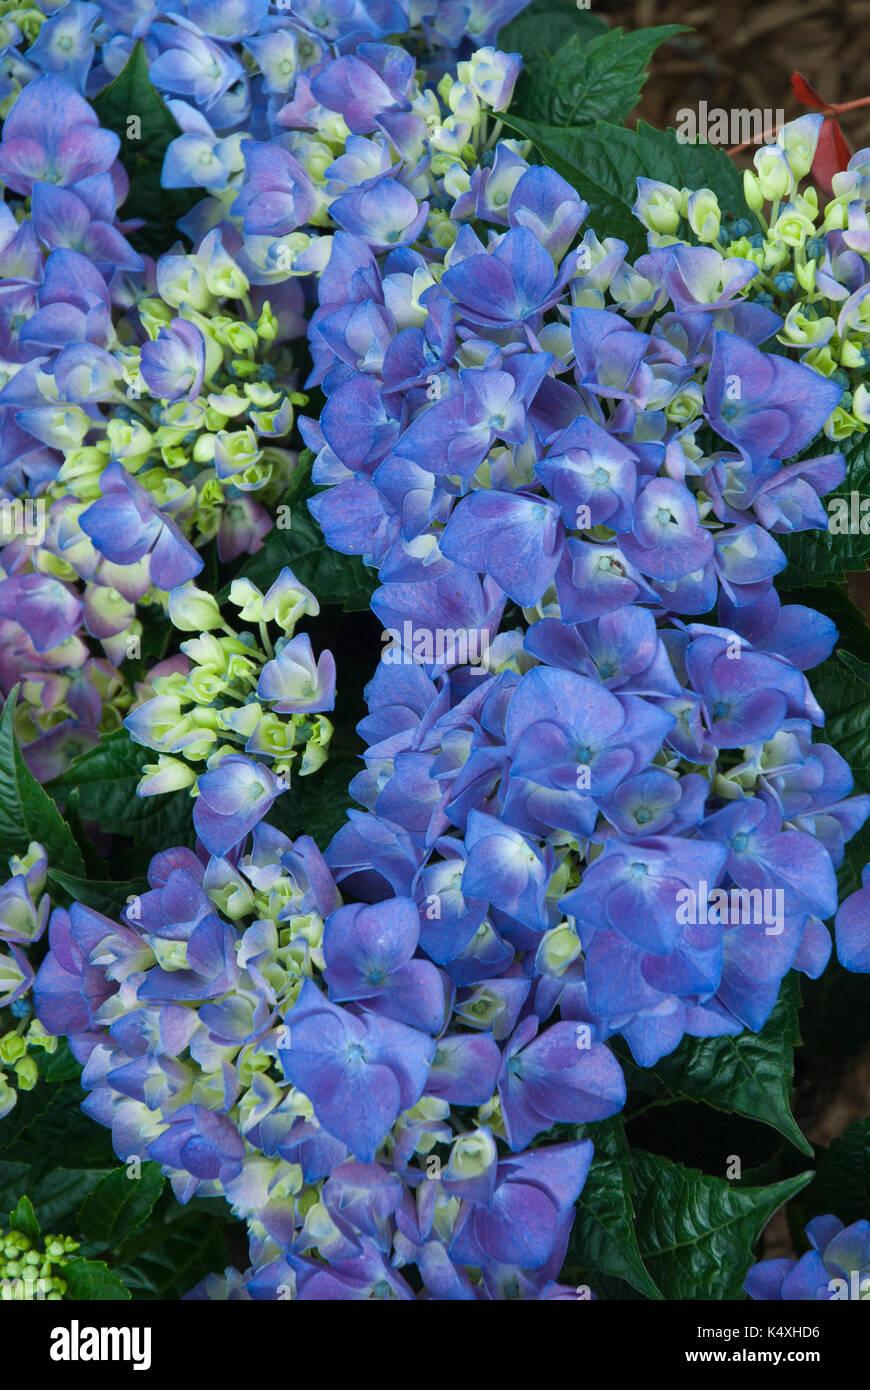 Hydrangea azul brillante, Amor, mophead. Imagen De Stock